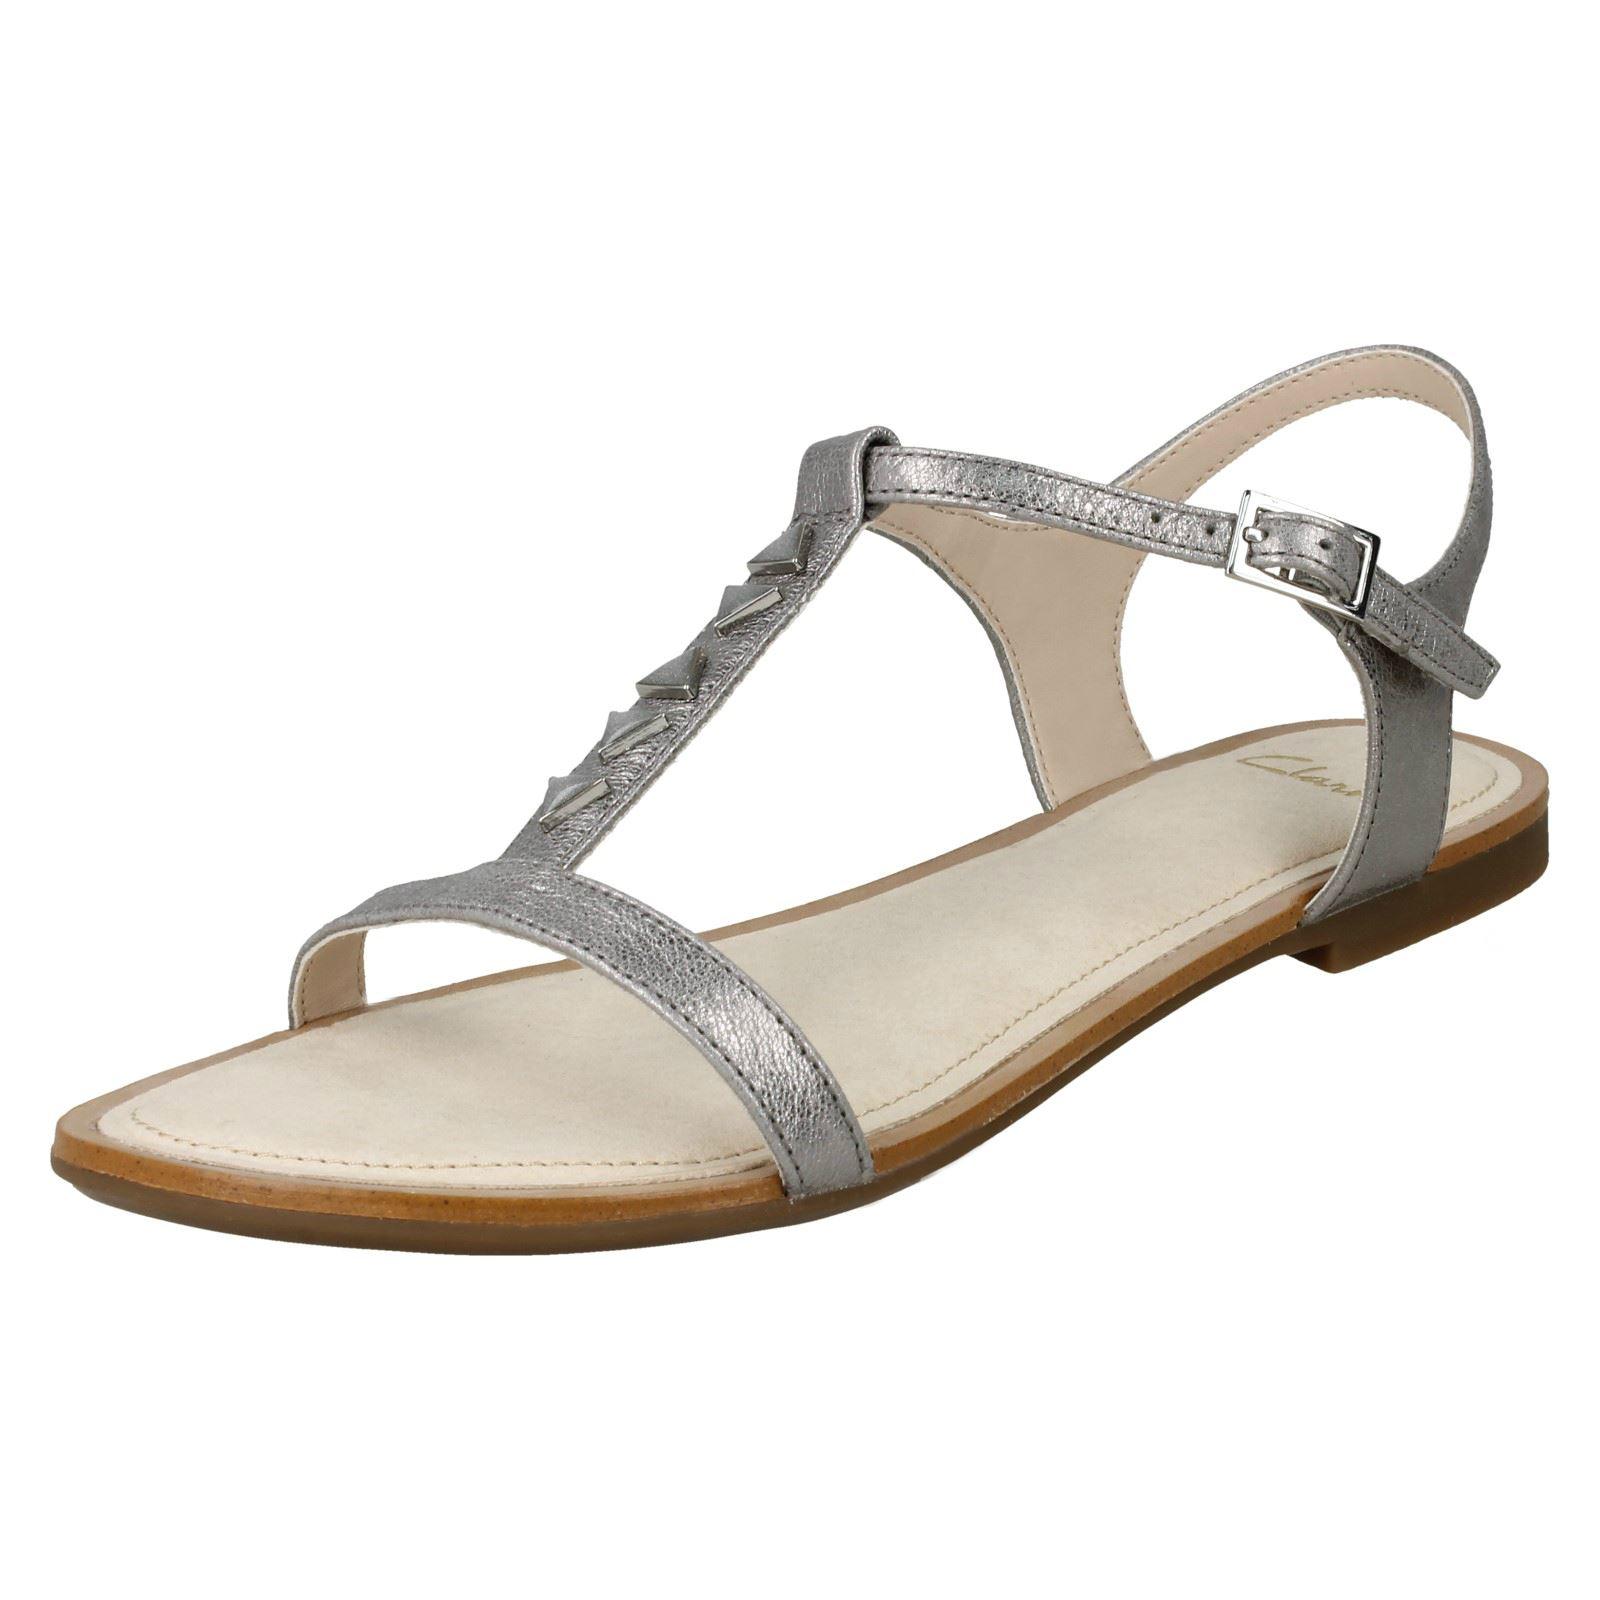 Details zu Damen Clarks Sandalen Segeln Strand